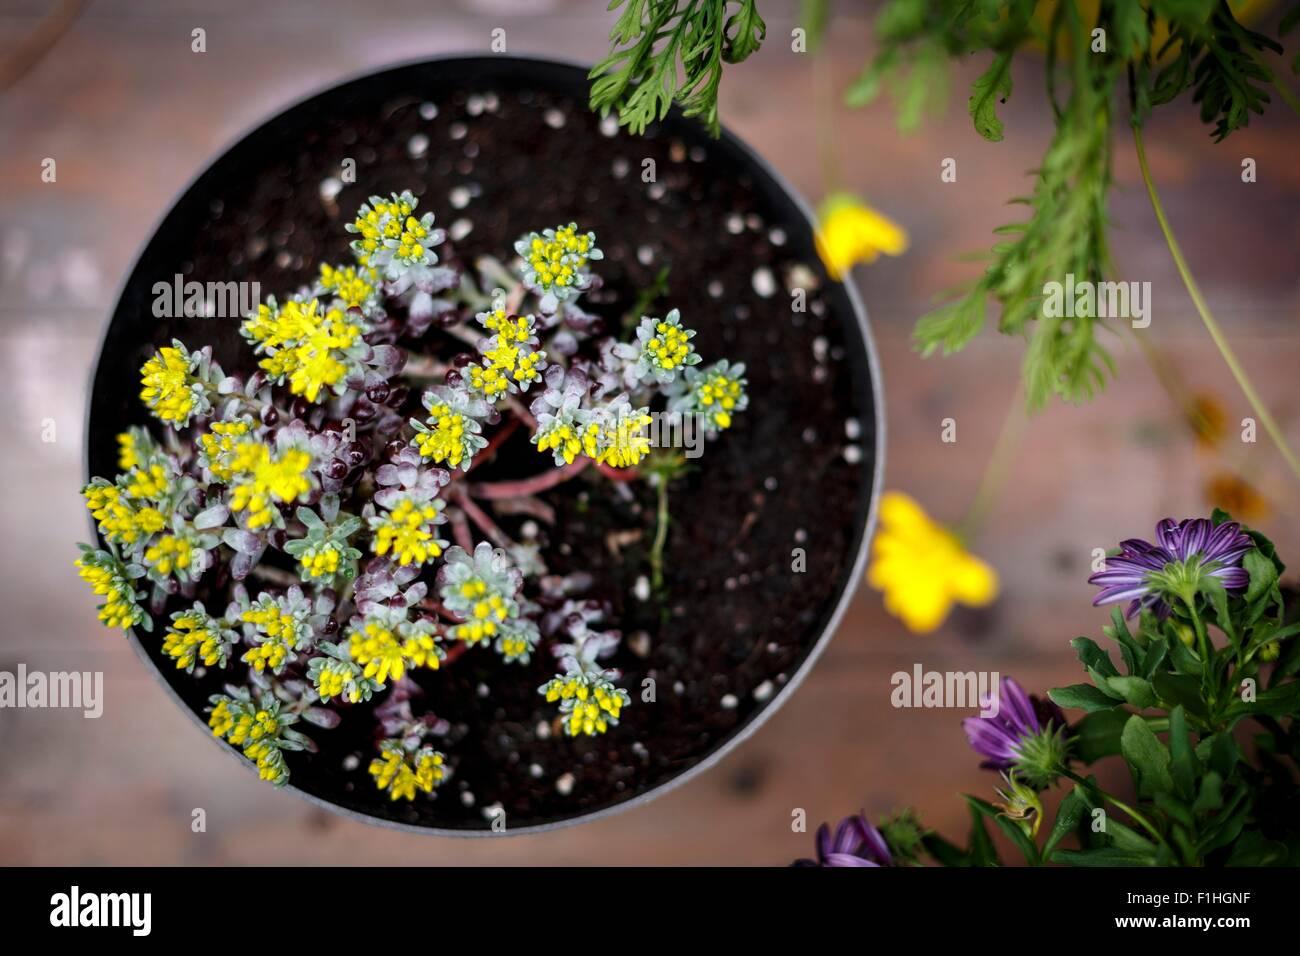 Un alto ángulo de visualización de plantas de maceta con pequeñas hojas amarillas Imagen De Stock